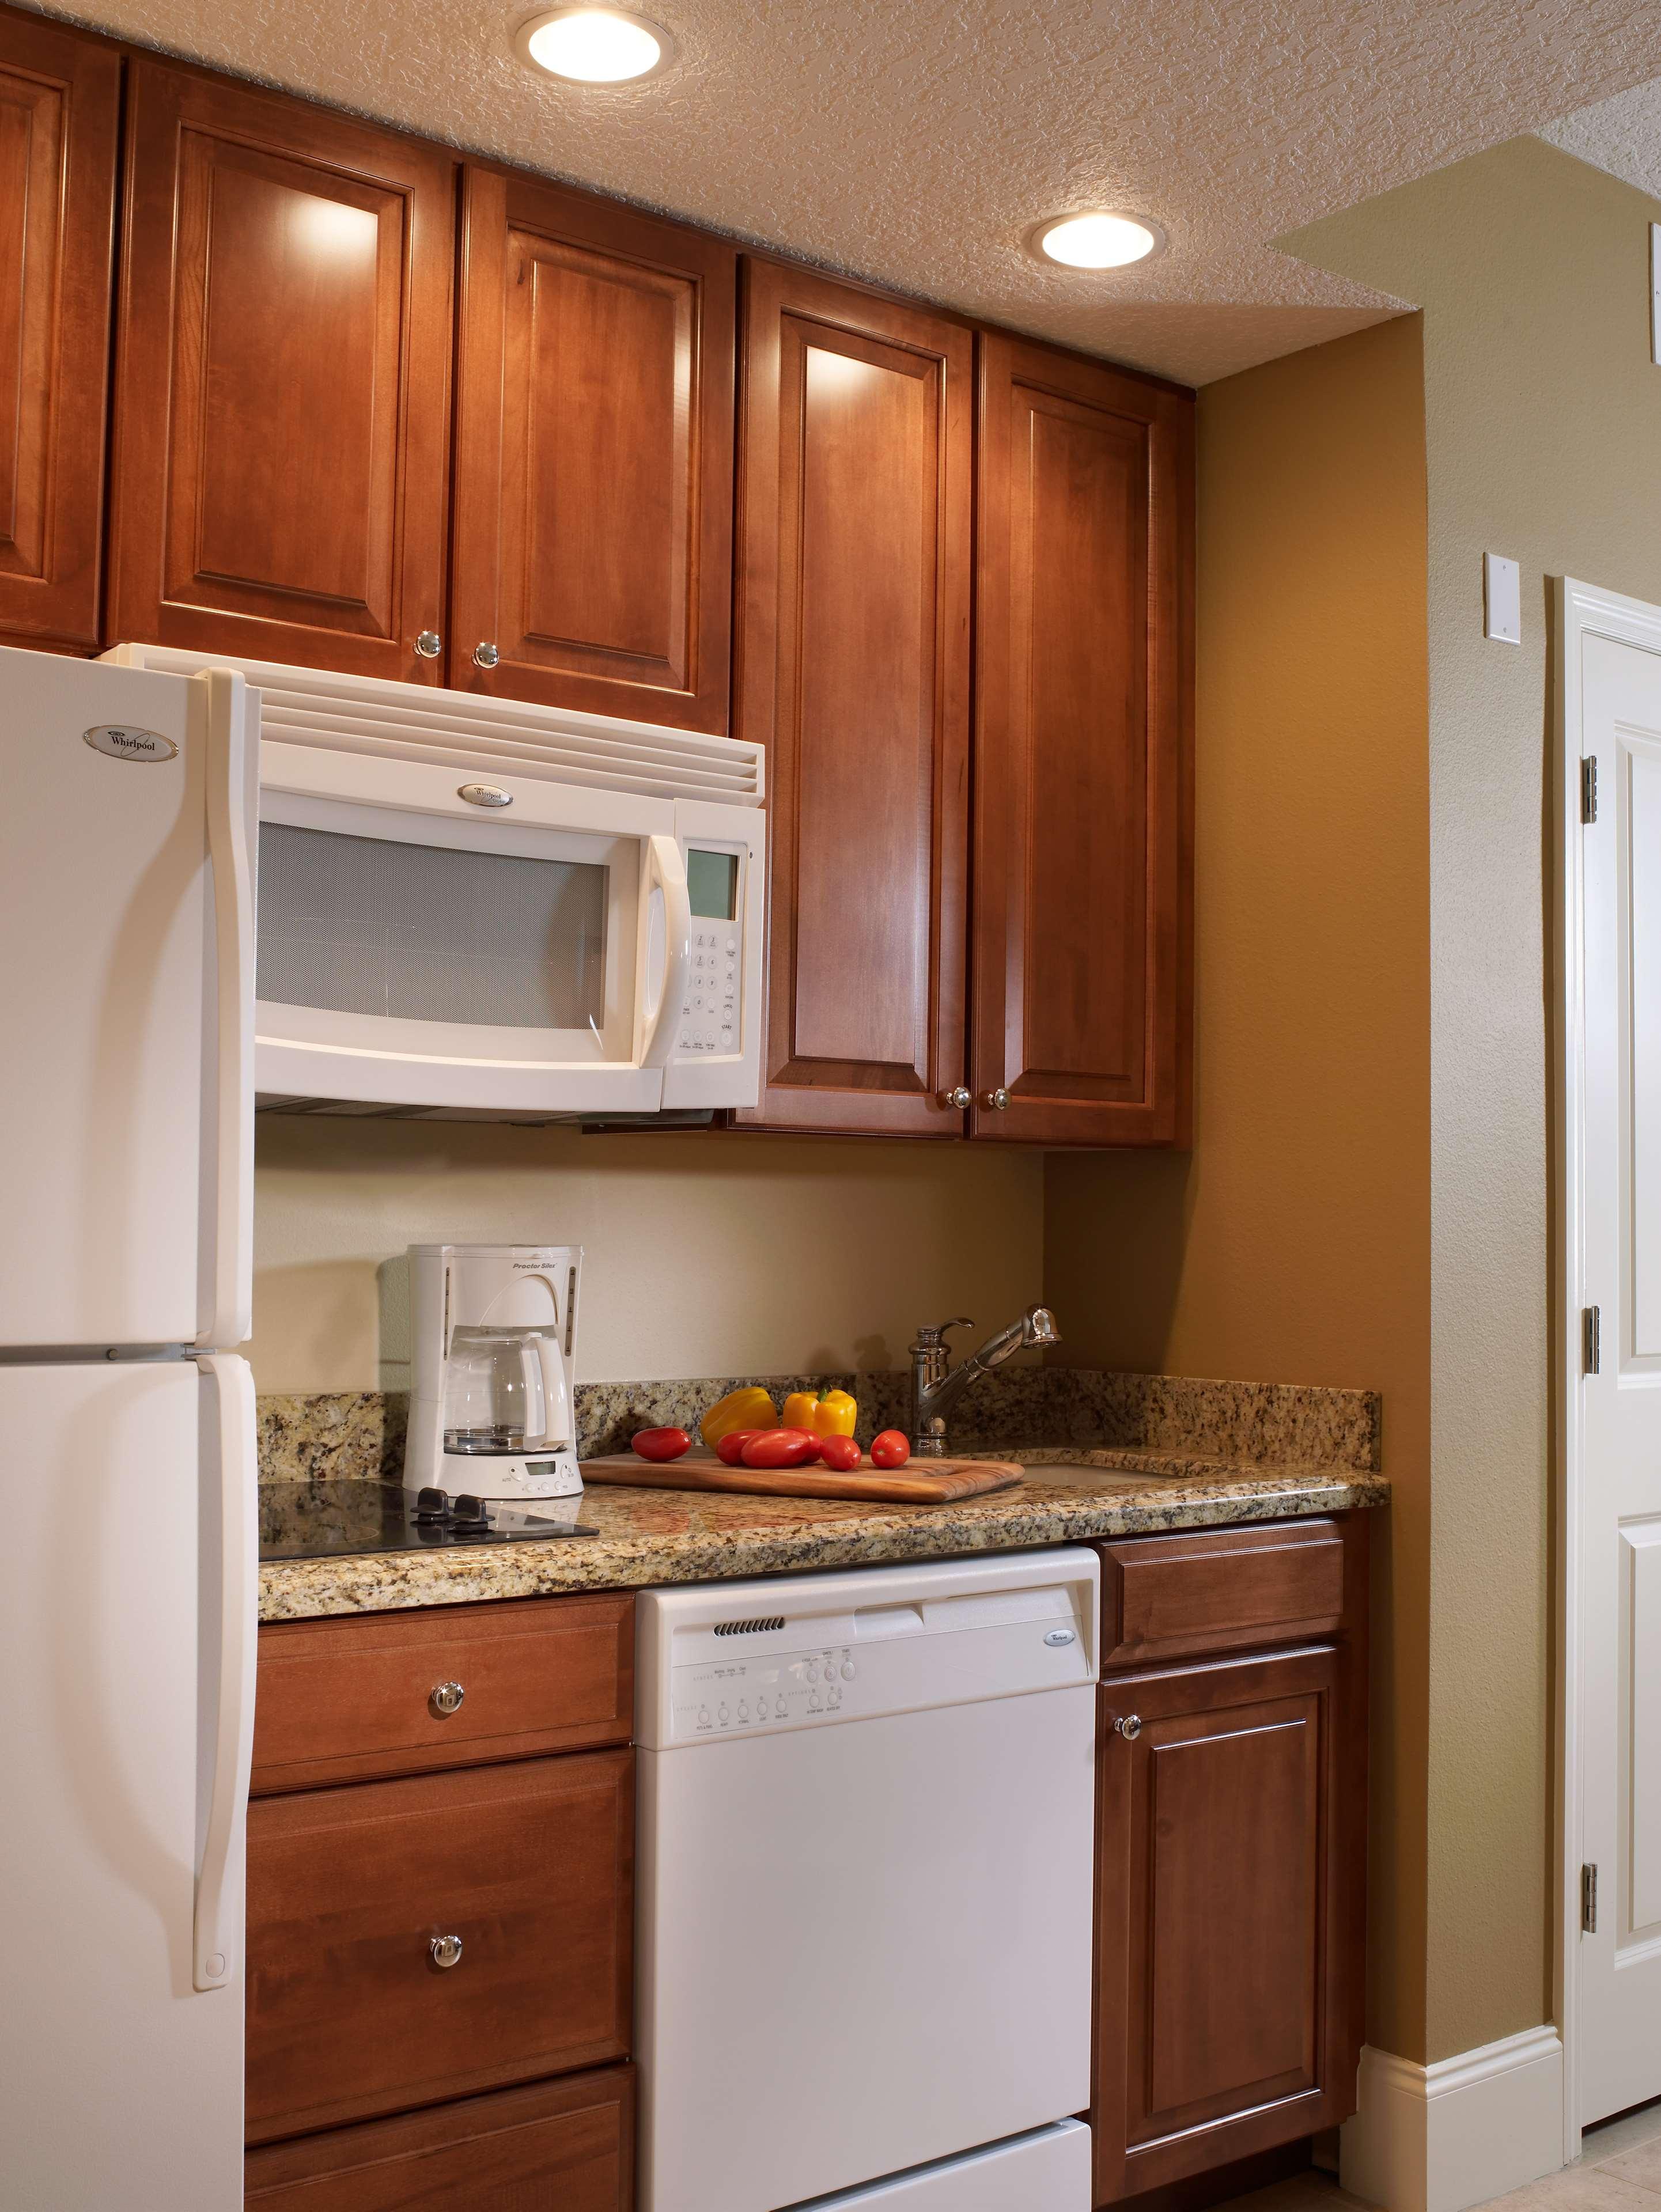 St. Augustine Phase Kitchenette  - 3-bdrm lockoff villa, 1-bdrm villa, 2-bdrm lockoff villa, or 1-bdrm premium villa.